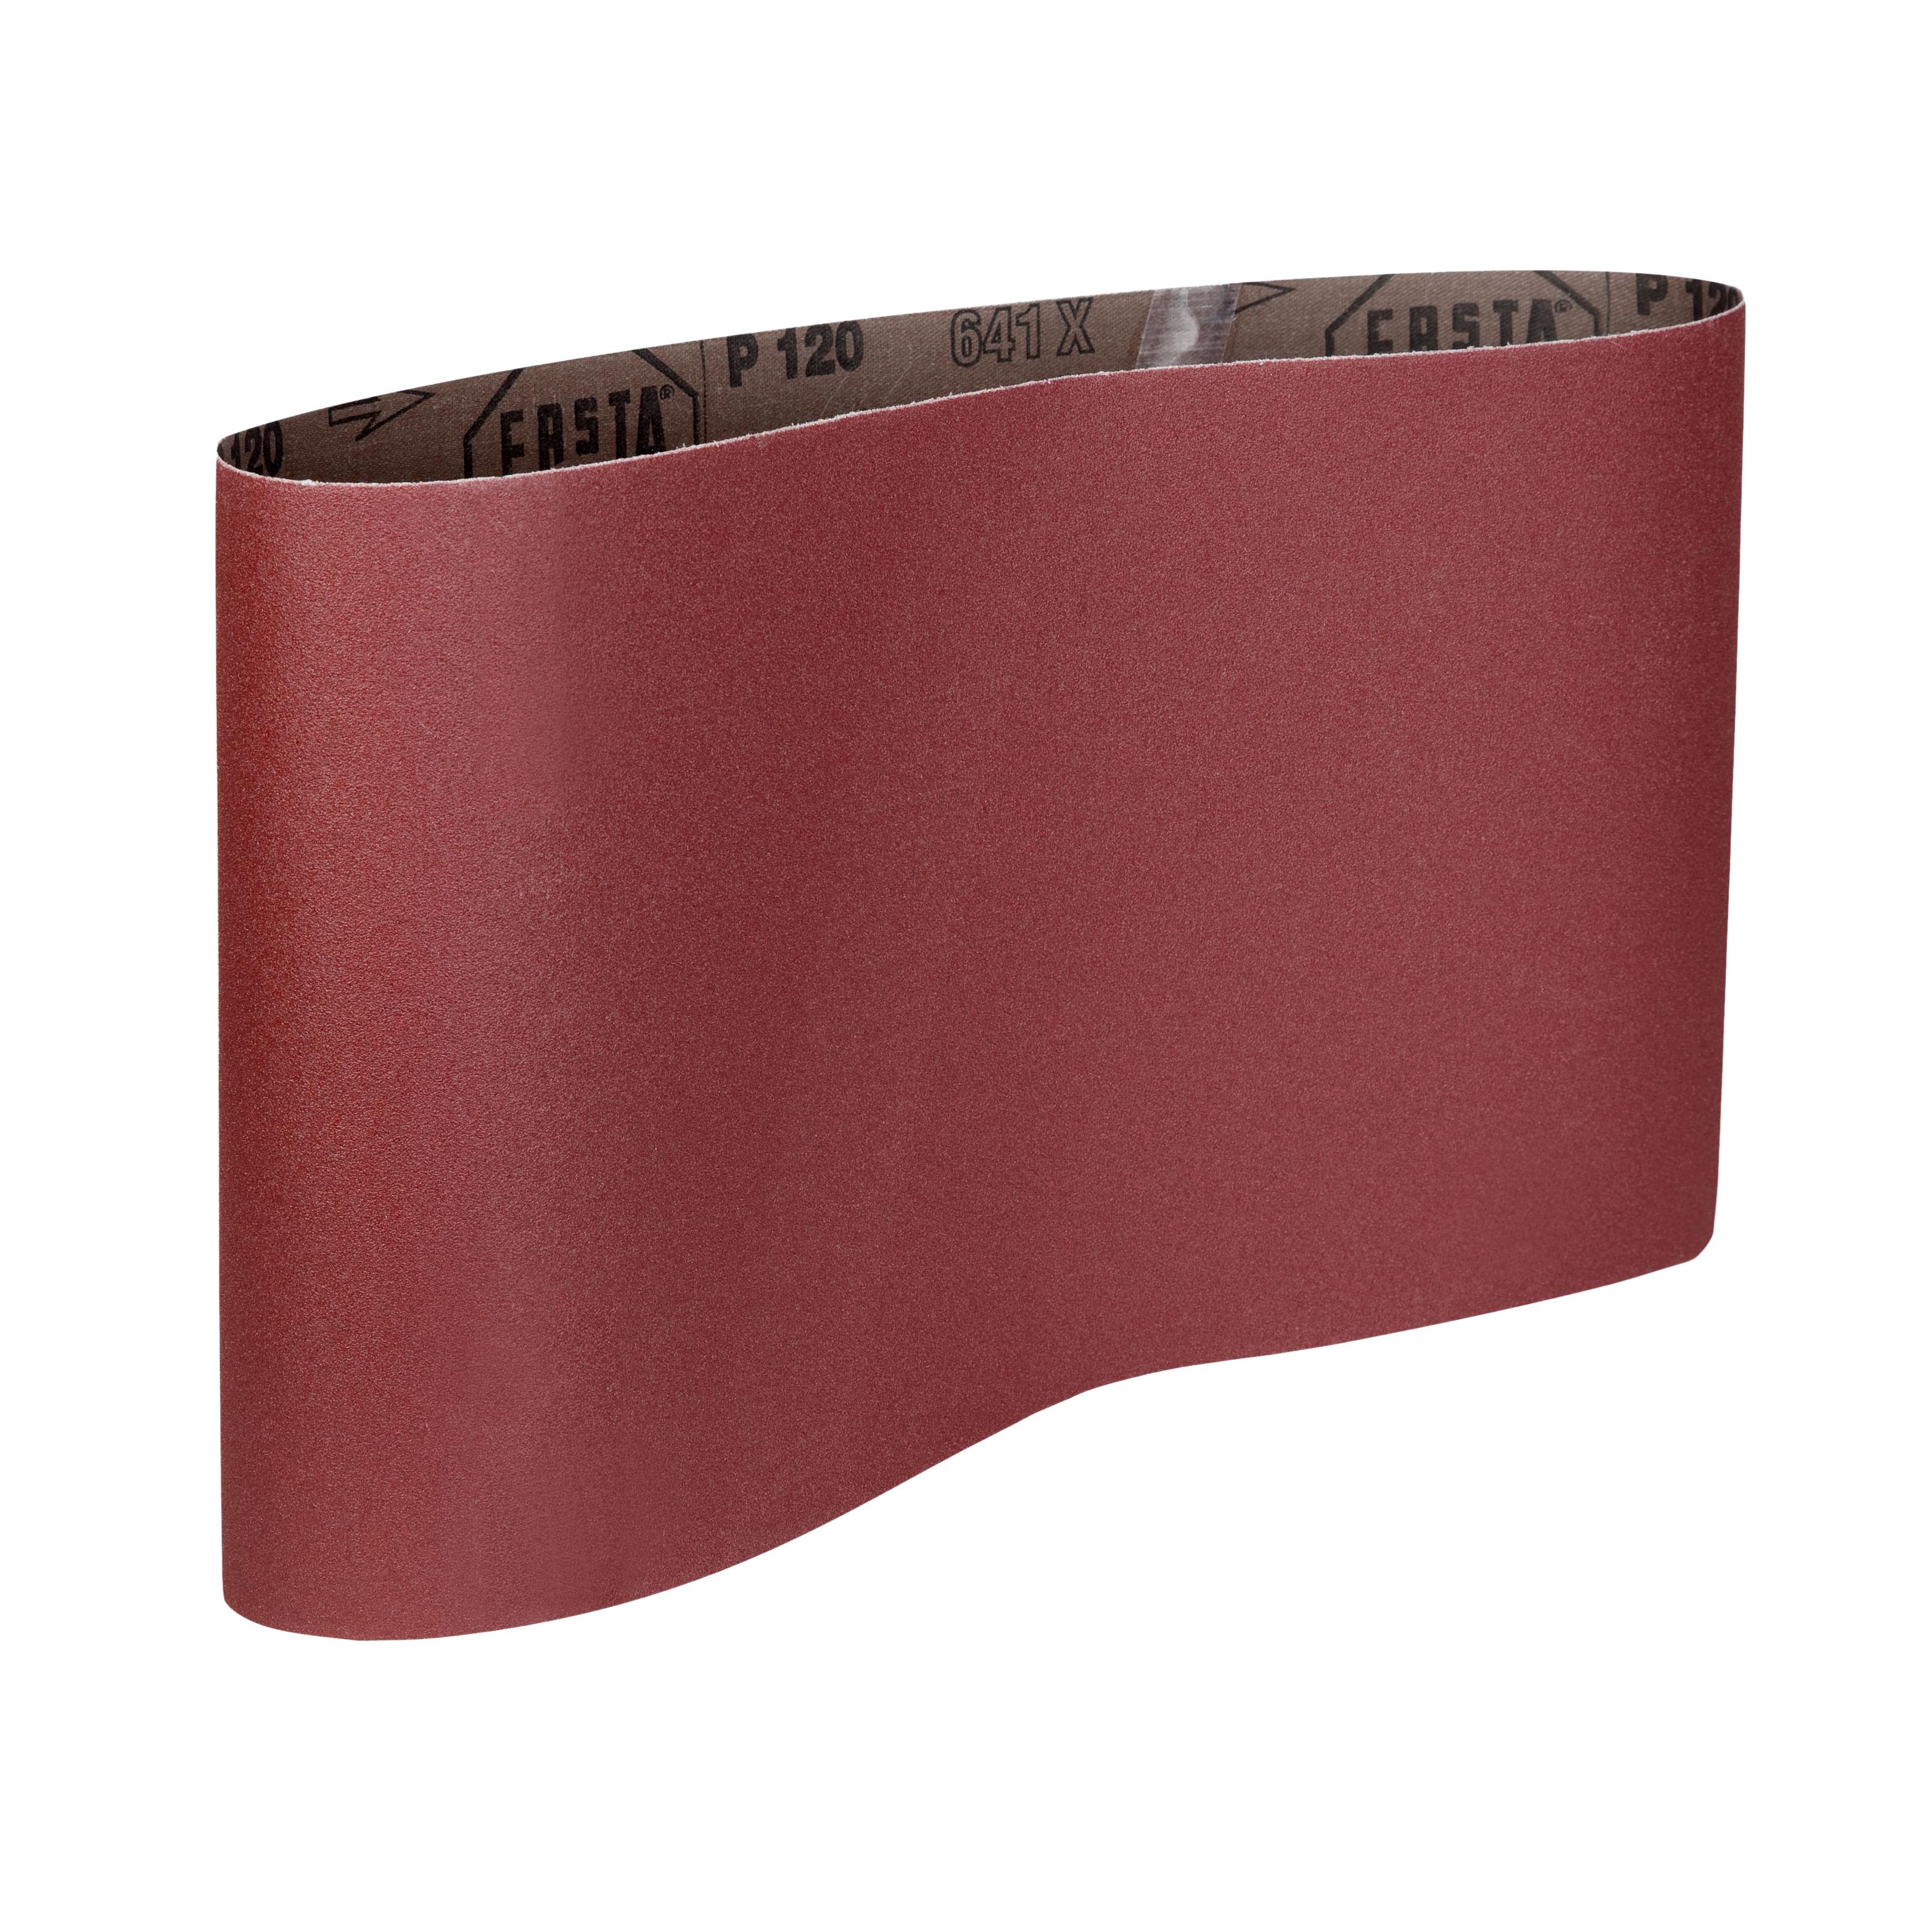 K 80 PARAT Belts Schleifband 200x750mm